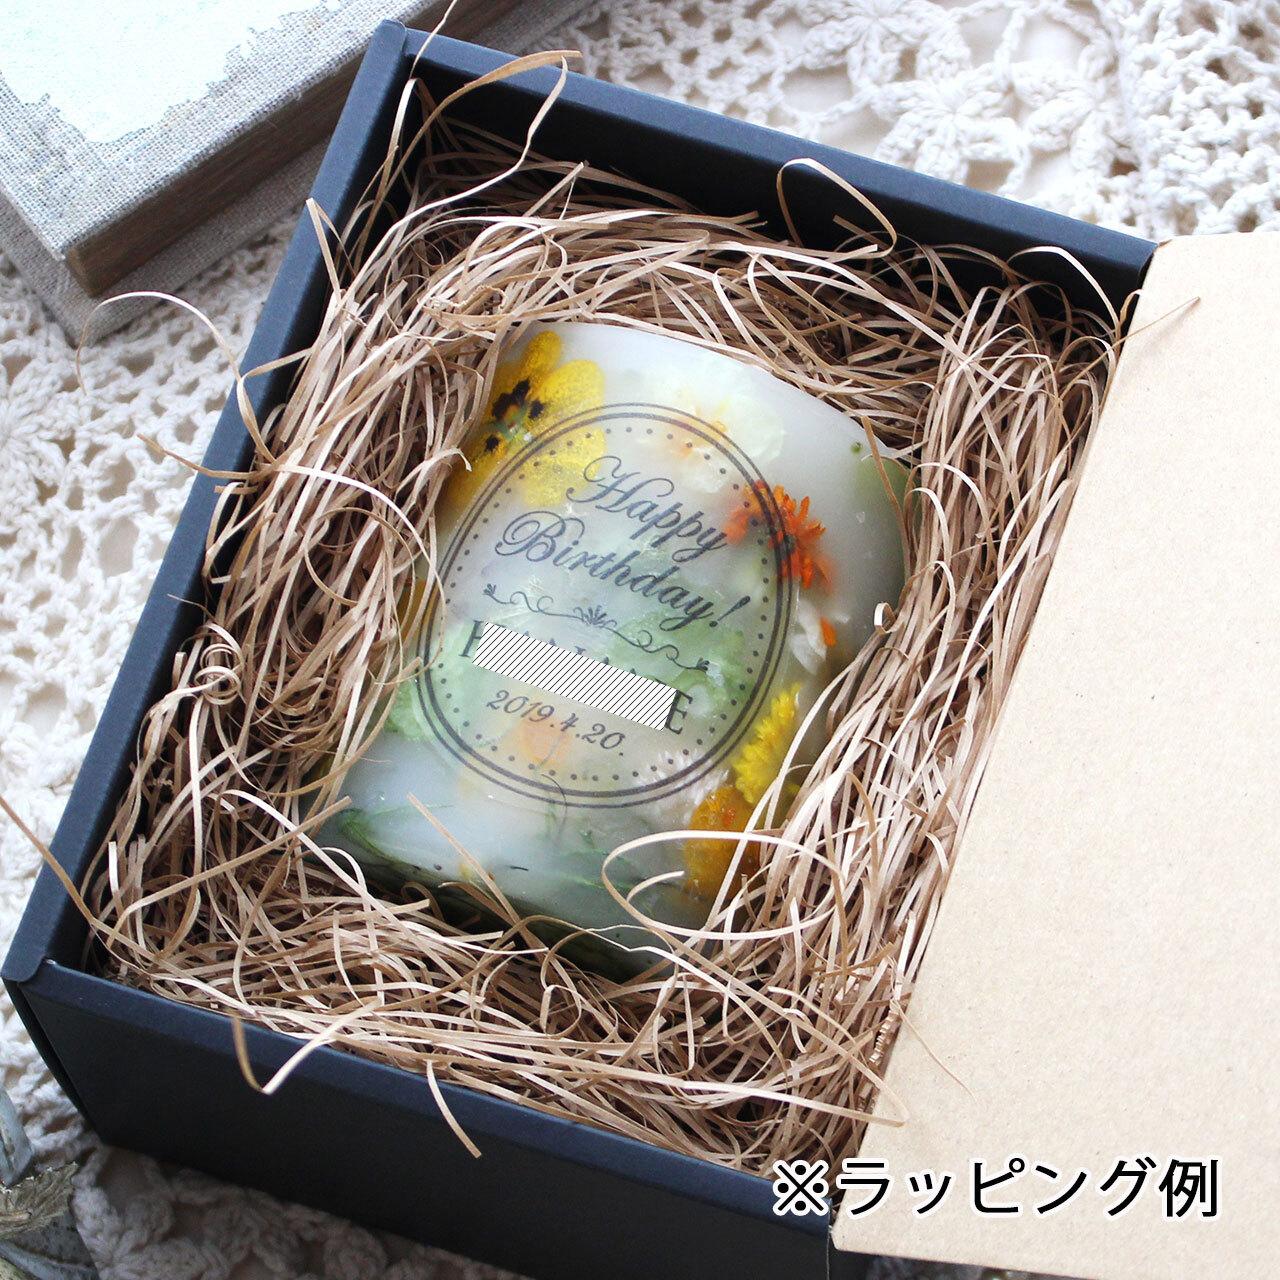 NC260 ギフトラッピング付き☆メッセージ&日付&名入れボタニカルキャンドル ローズ